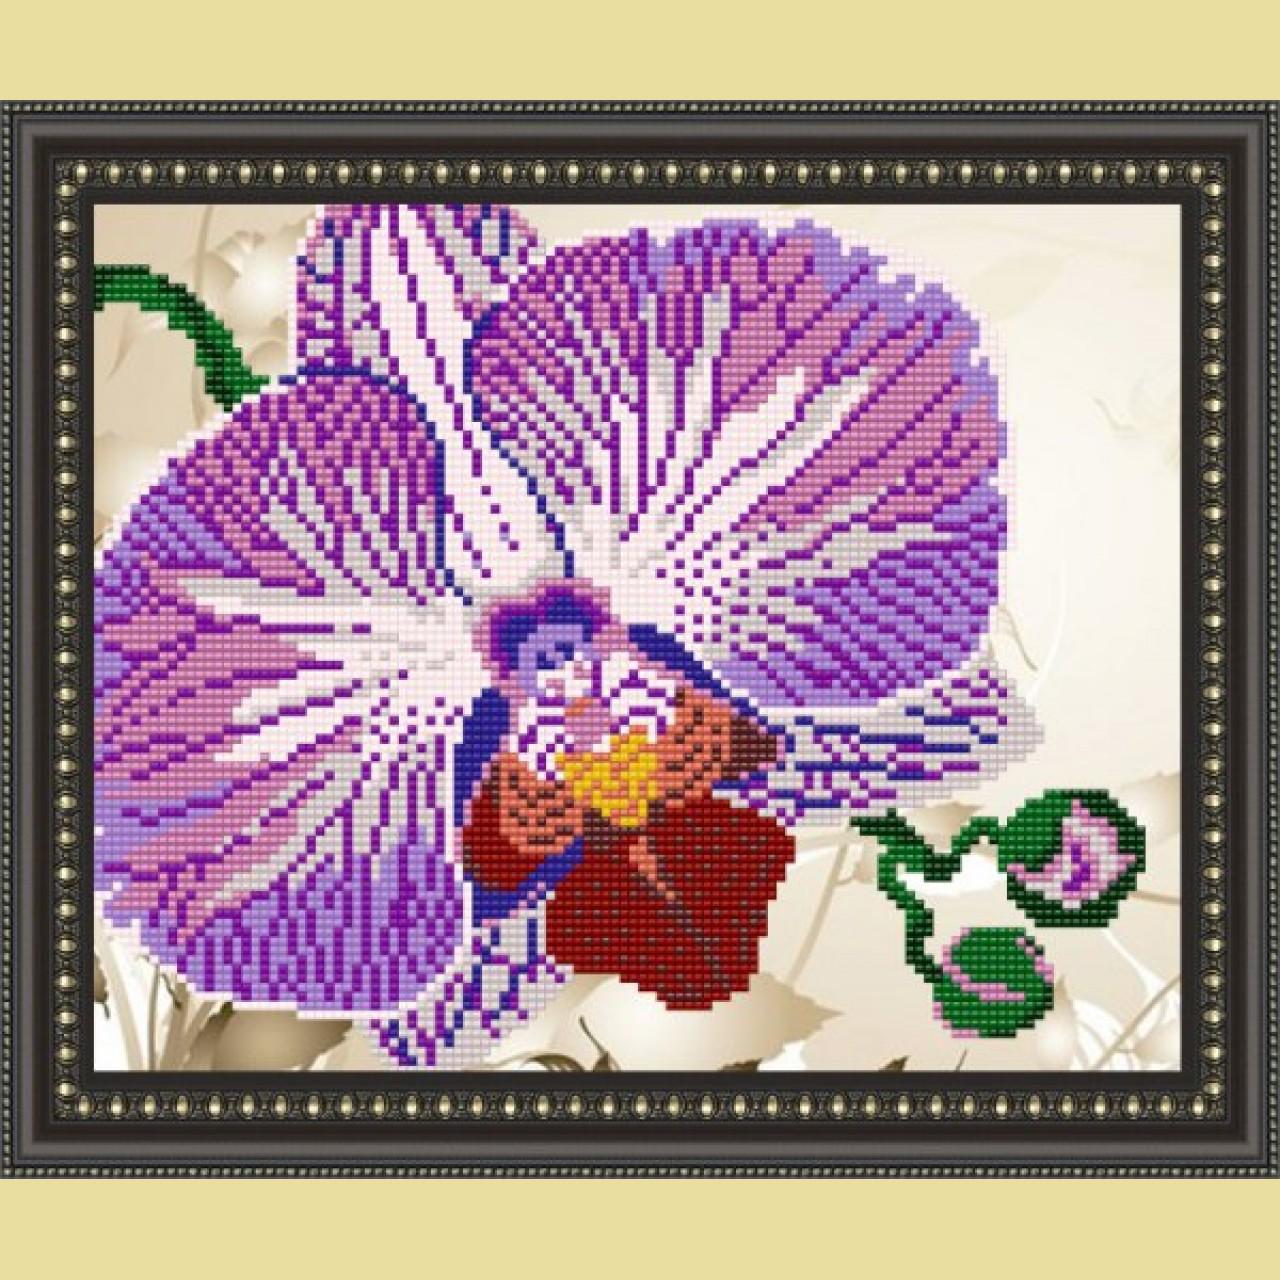 Вышивки схемы с орхидеями 144